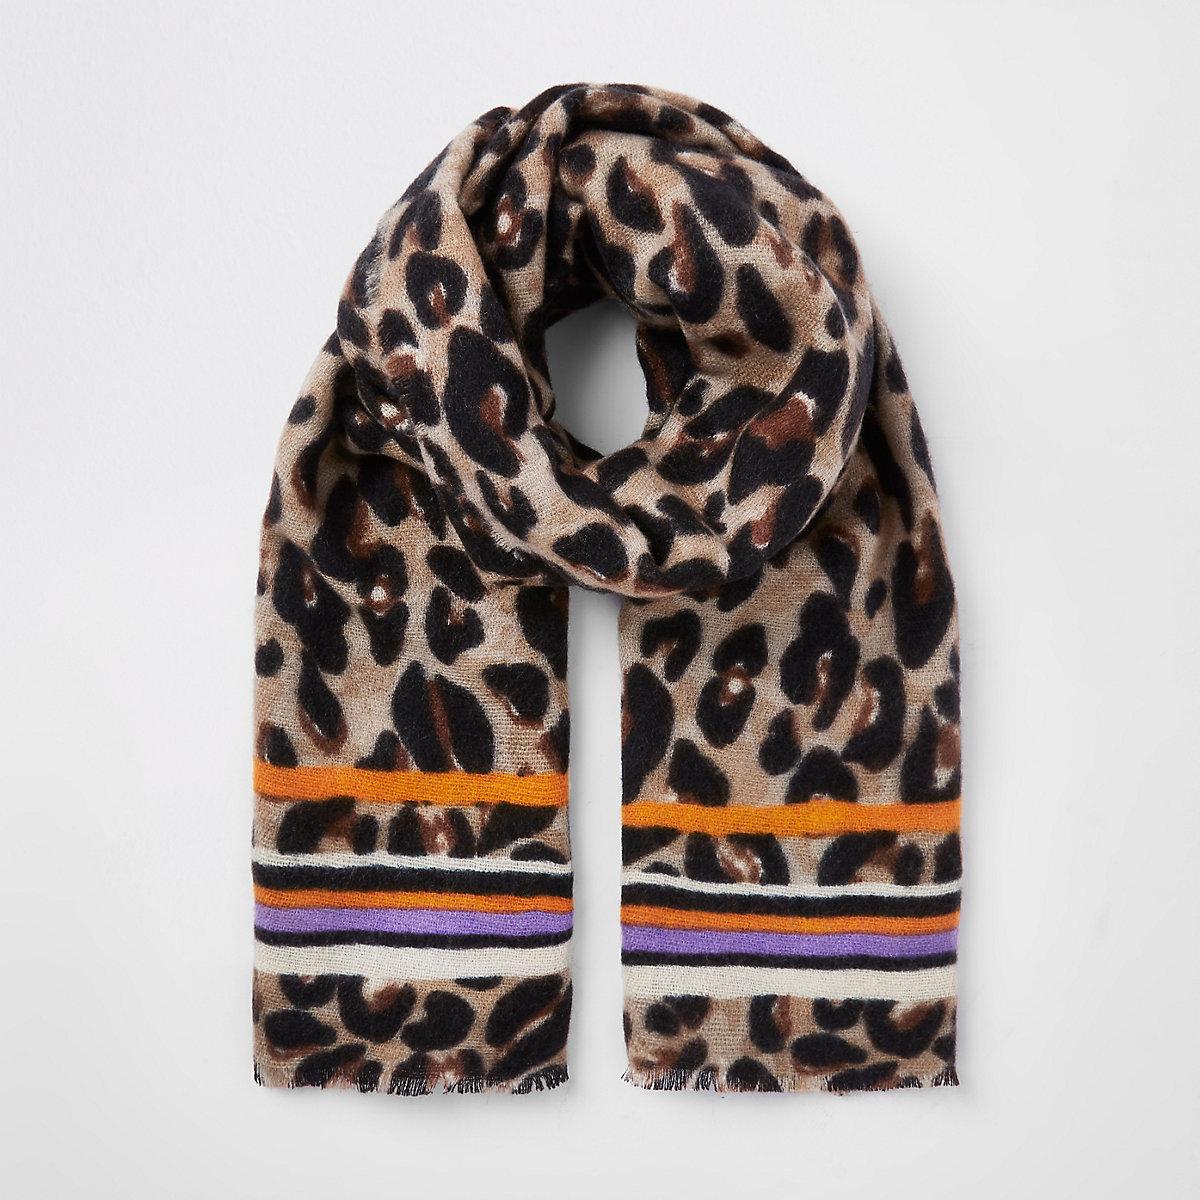 Foulard motif léopard rayé marron Foulard motif léopard rayé marron ... 3c864941e1d